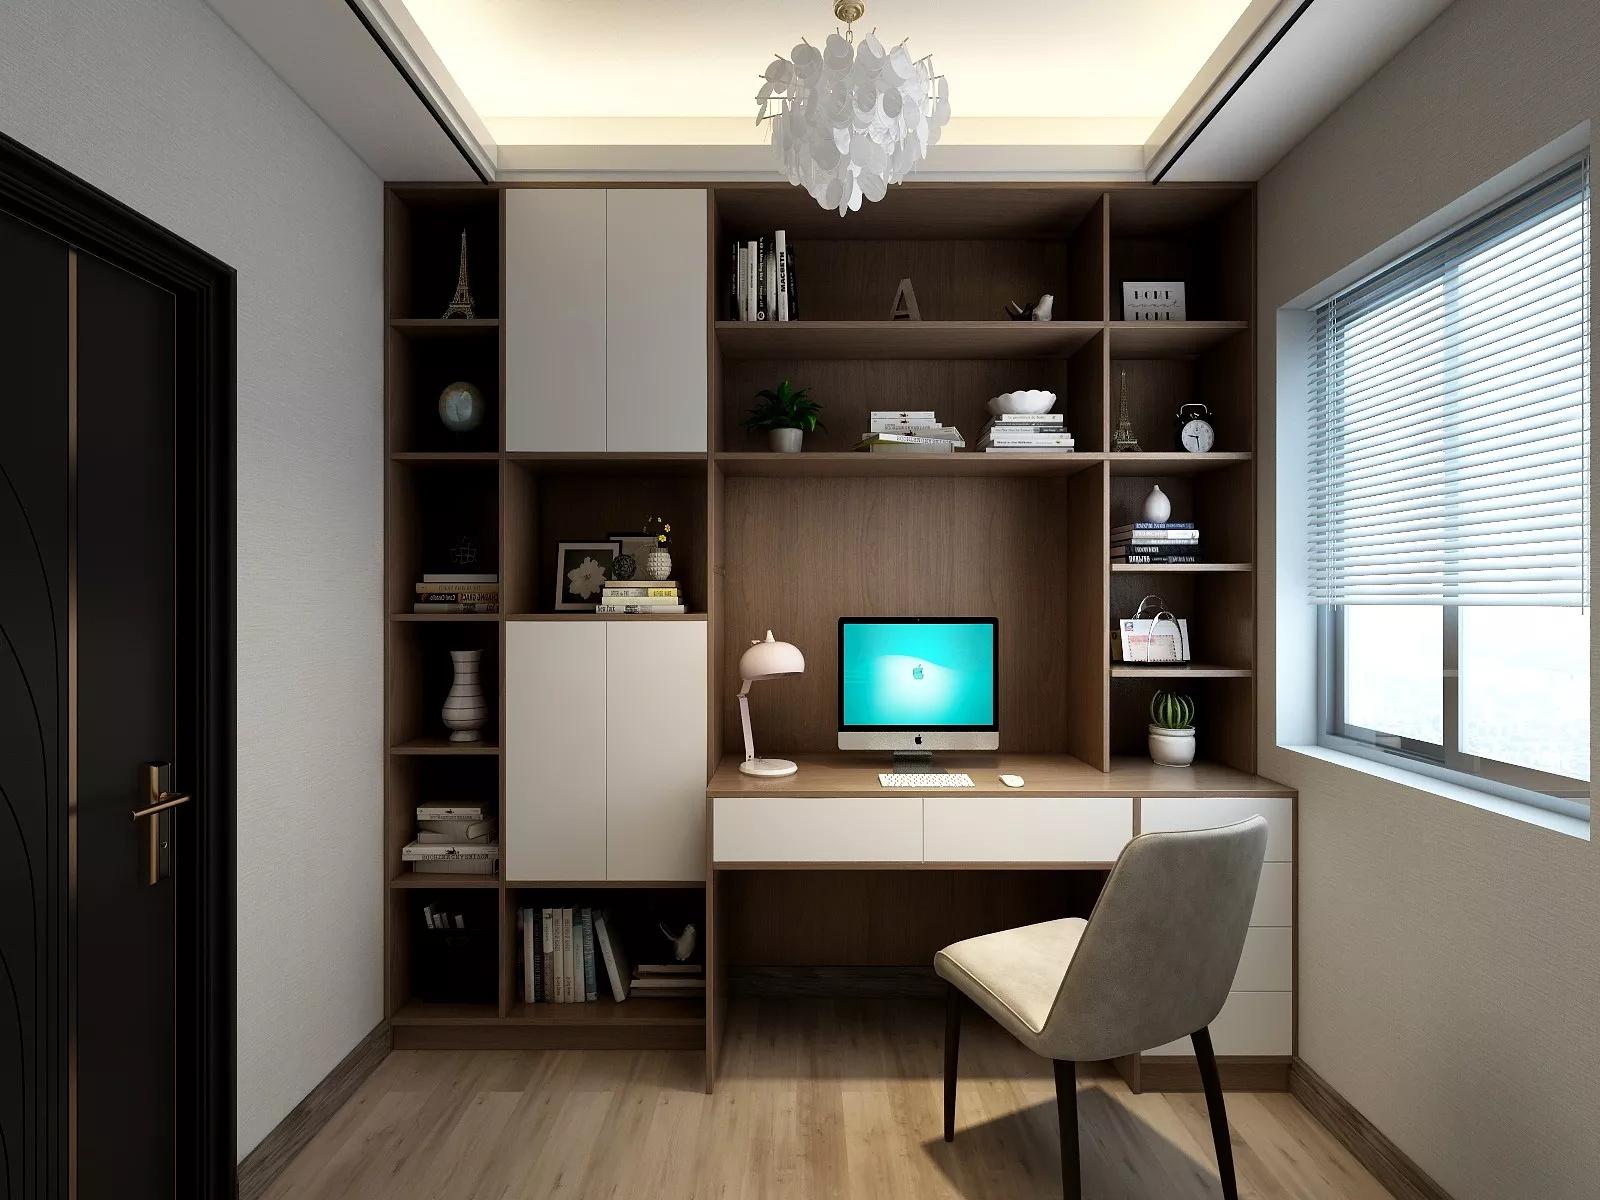 客廳沙發尺寸和清洗技巧